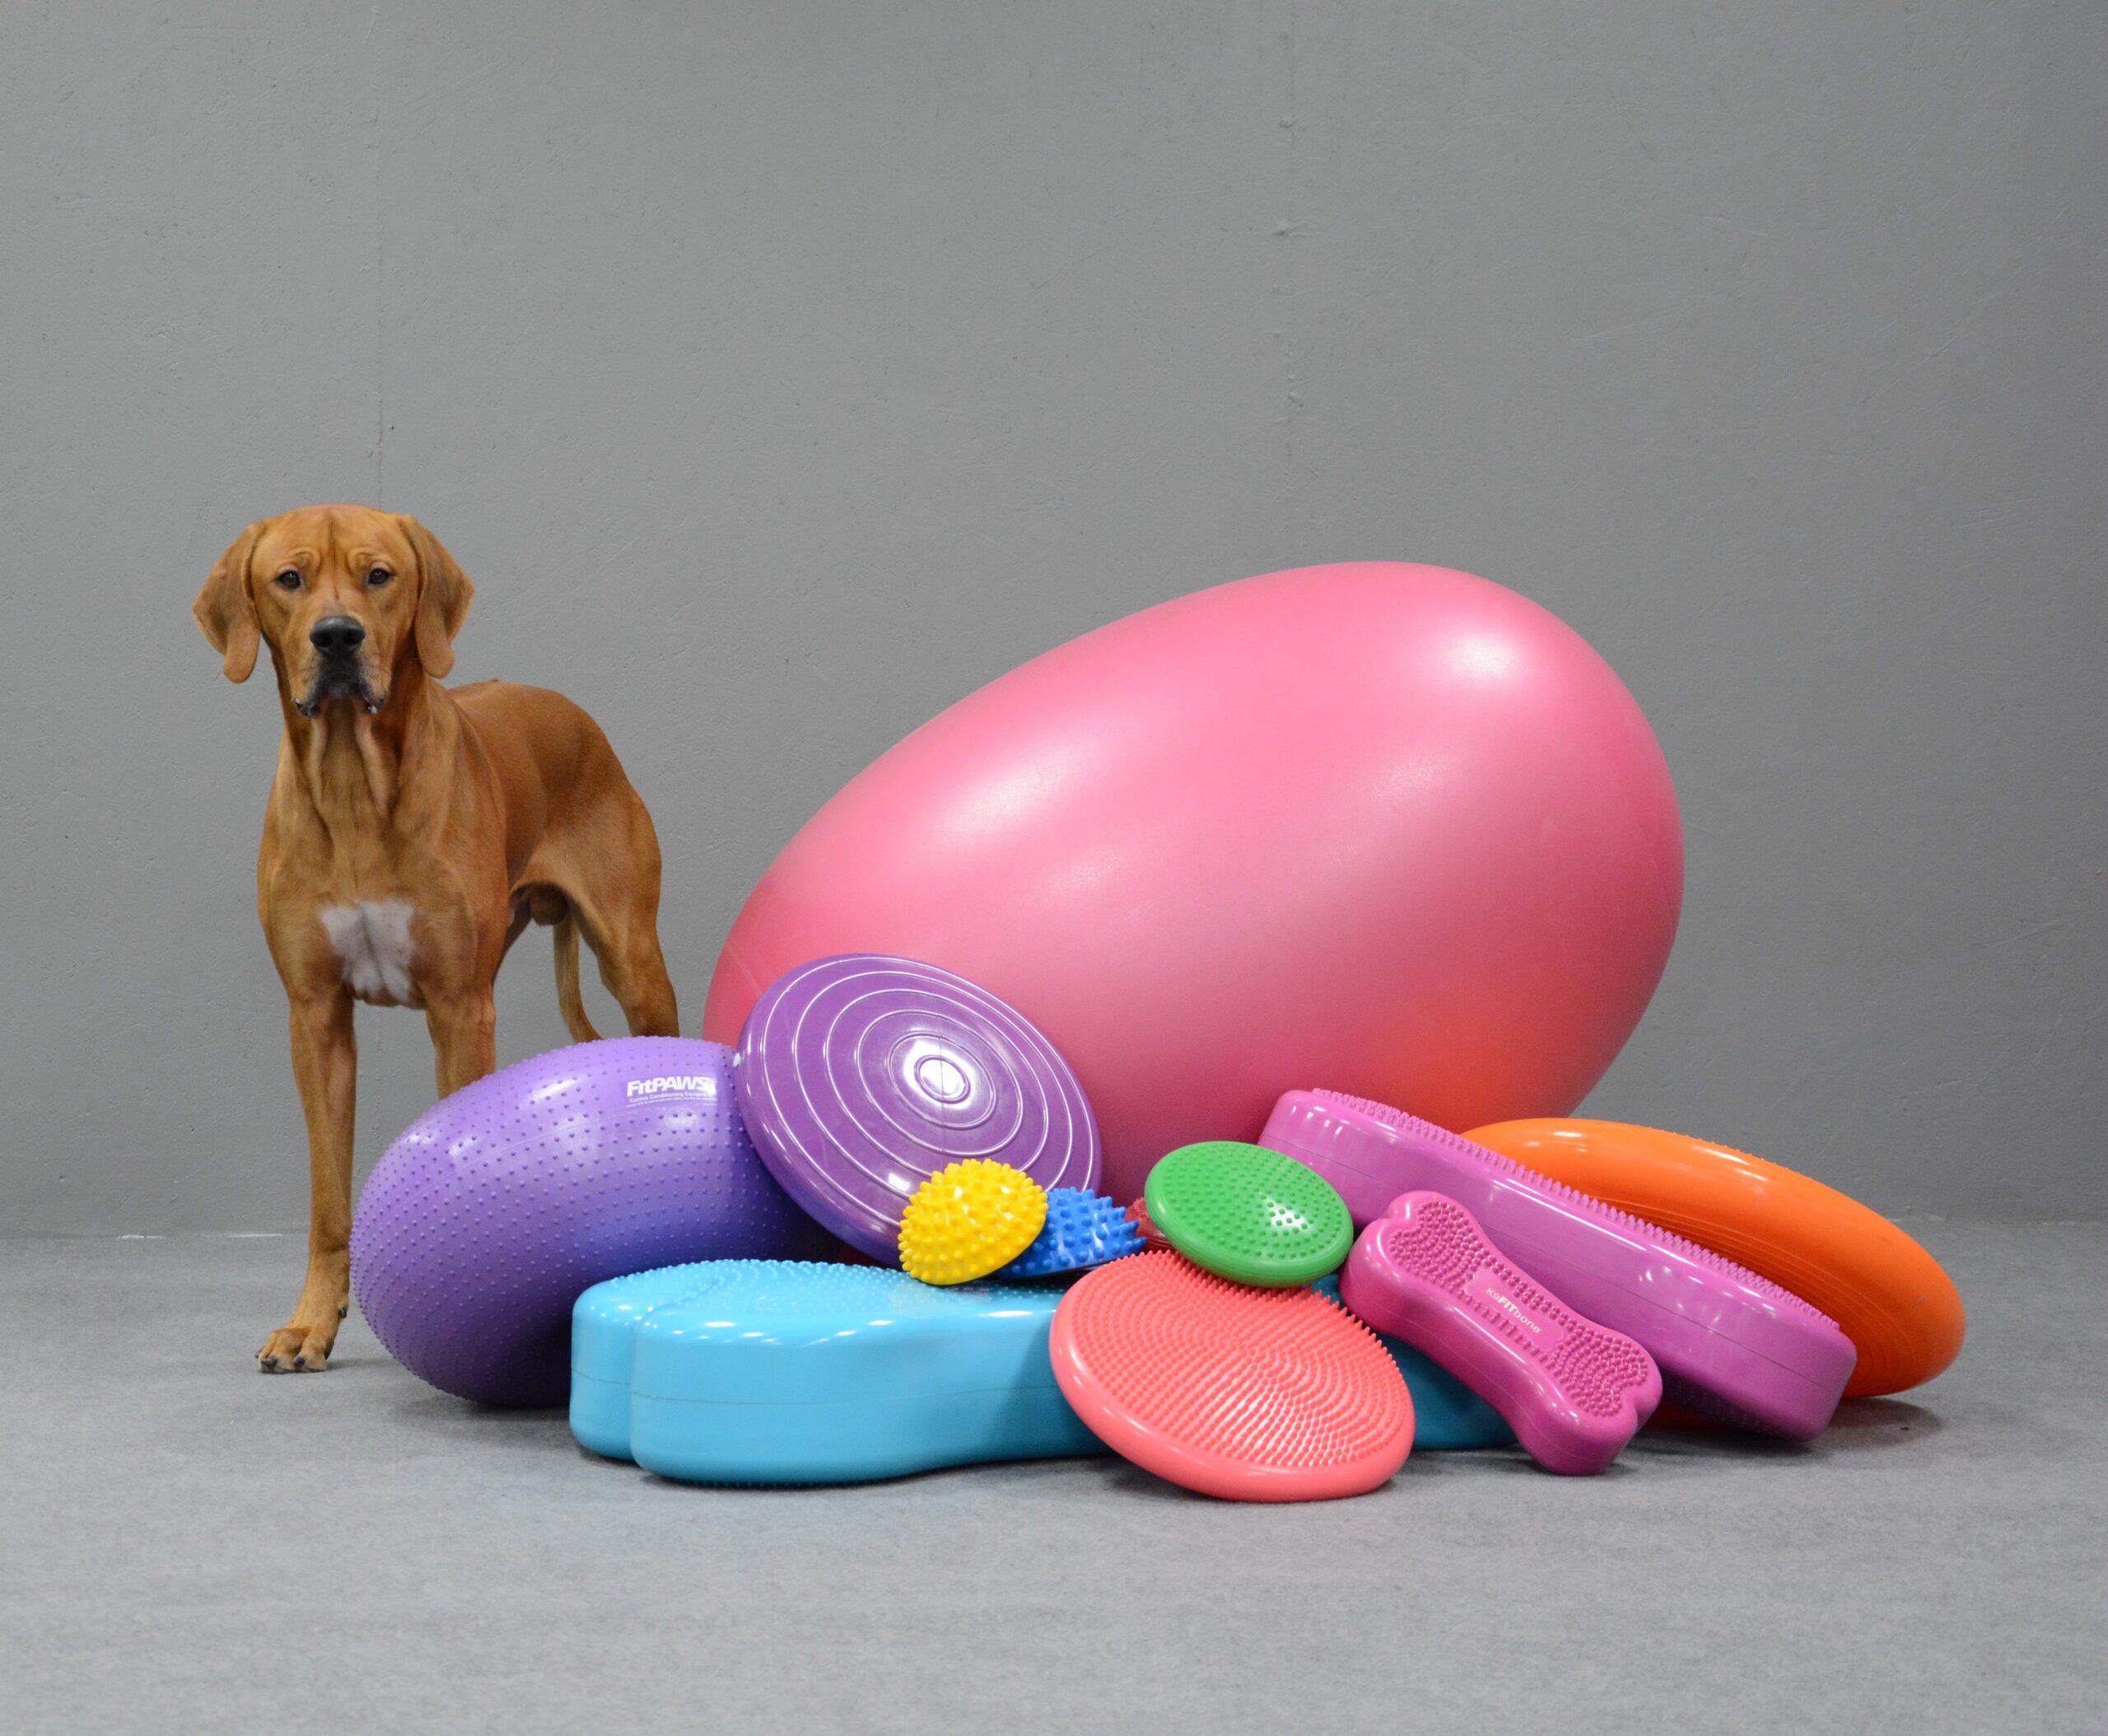 balansboll kurs för din hund